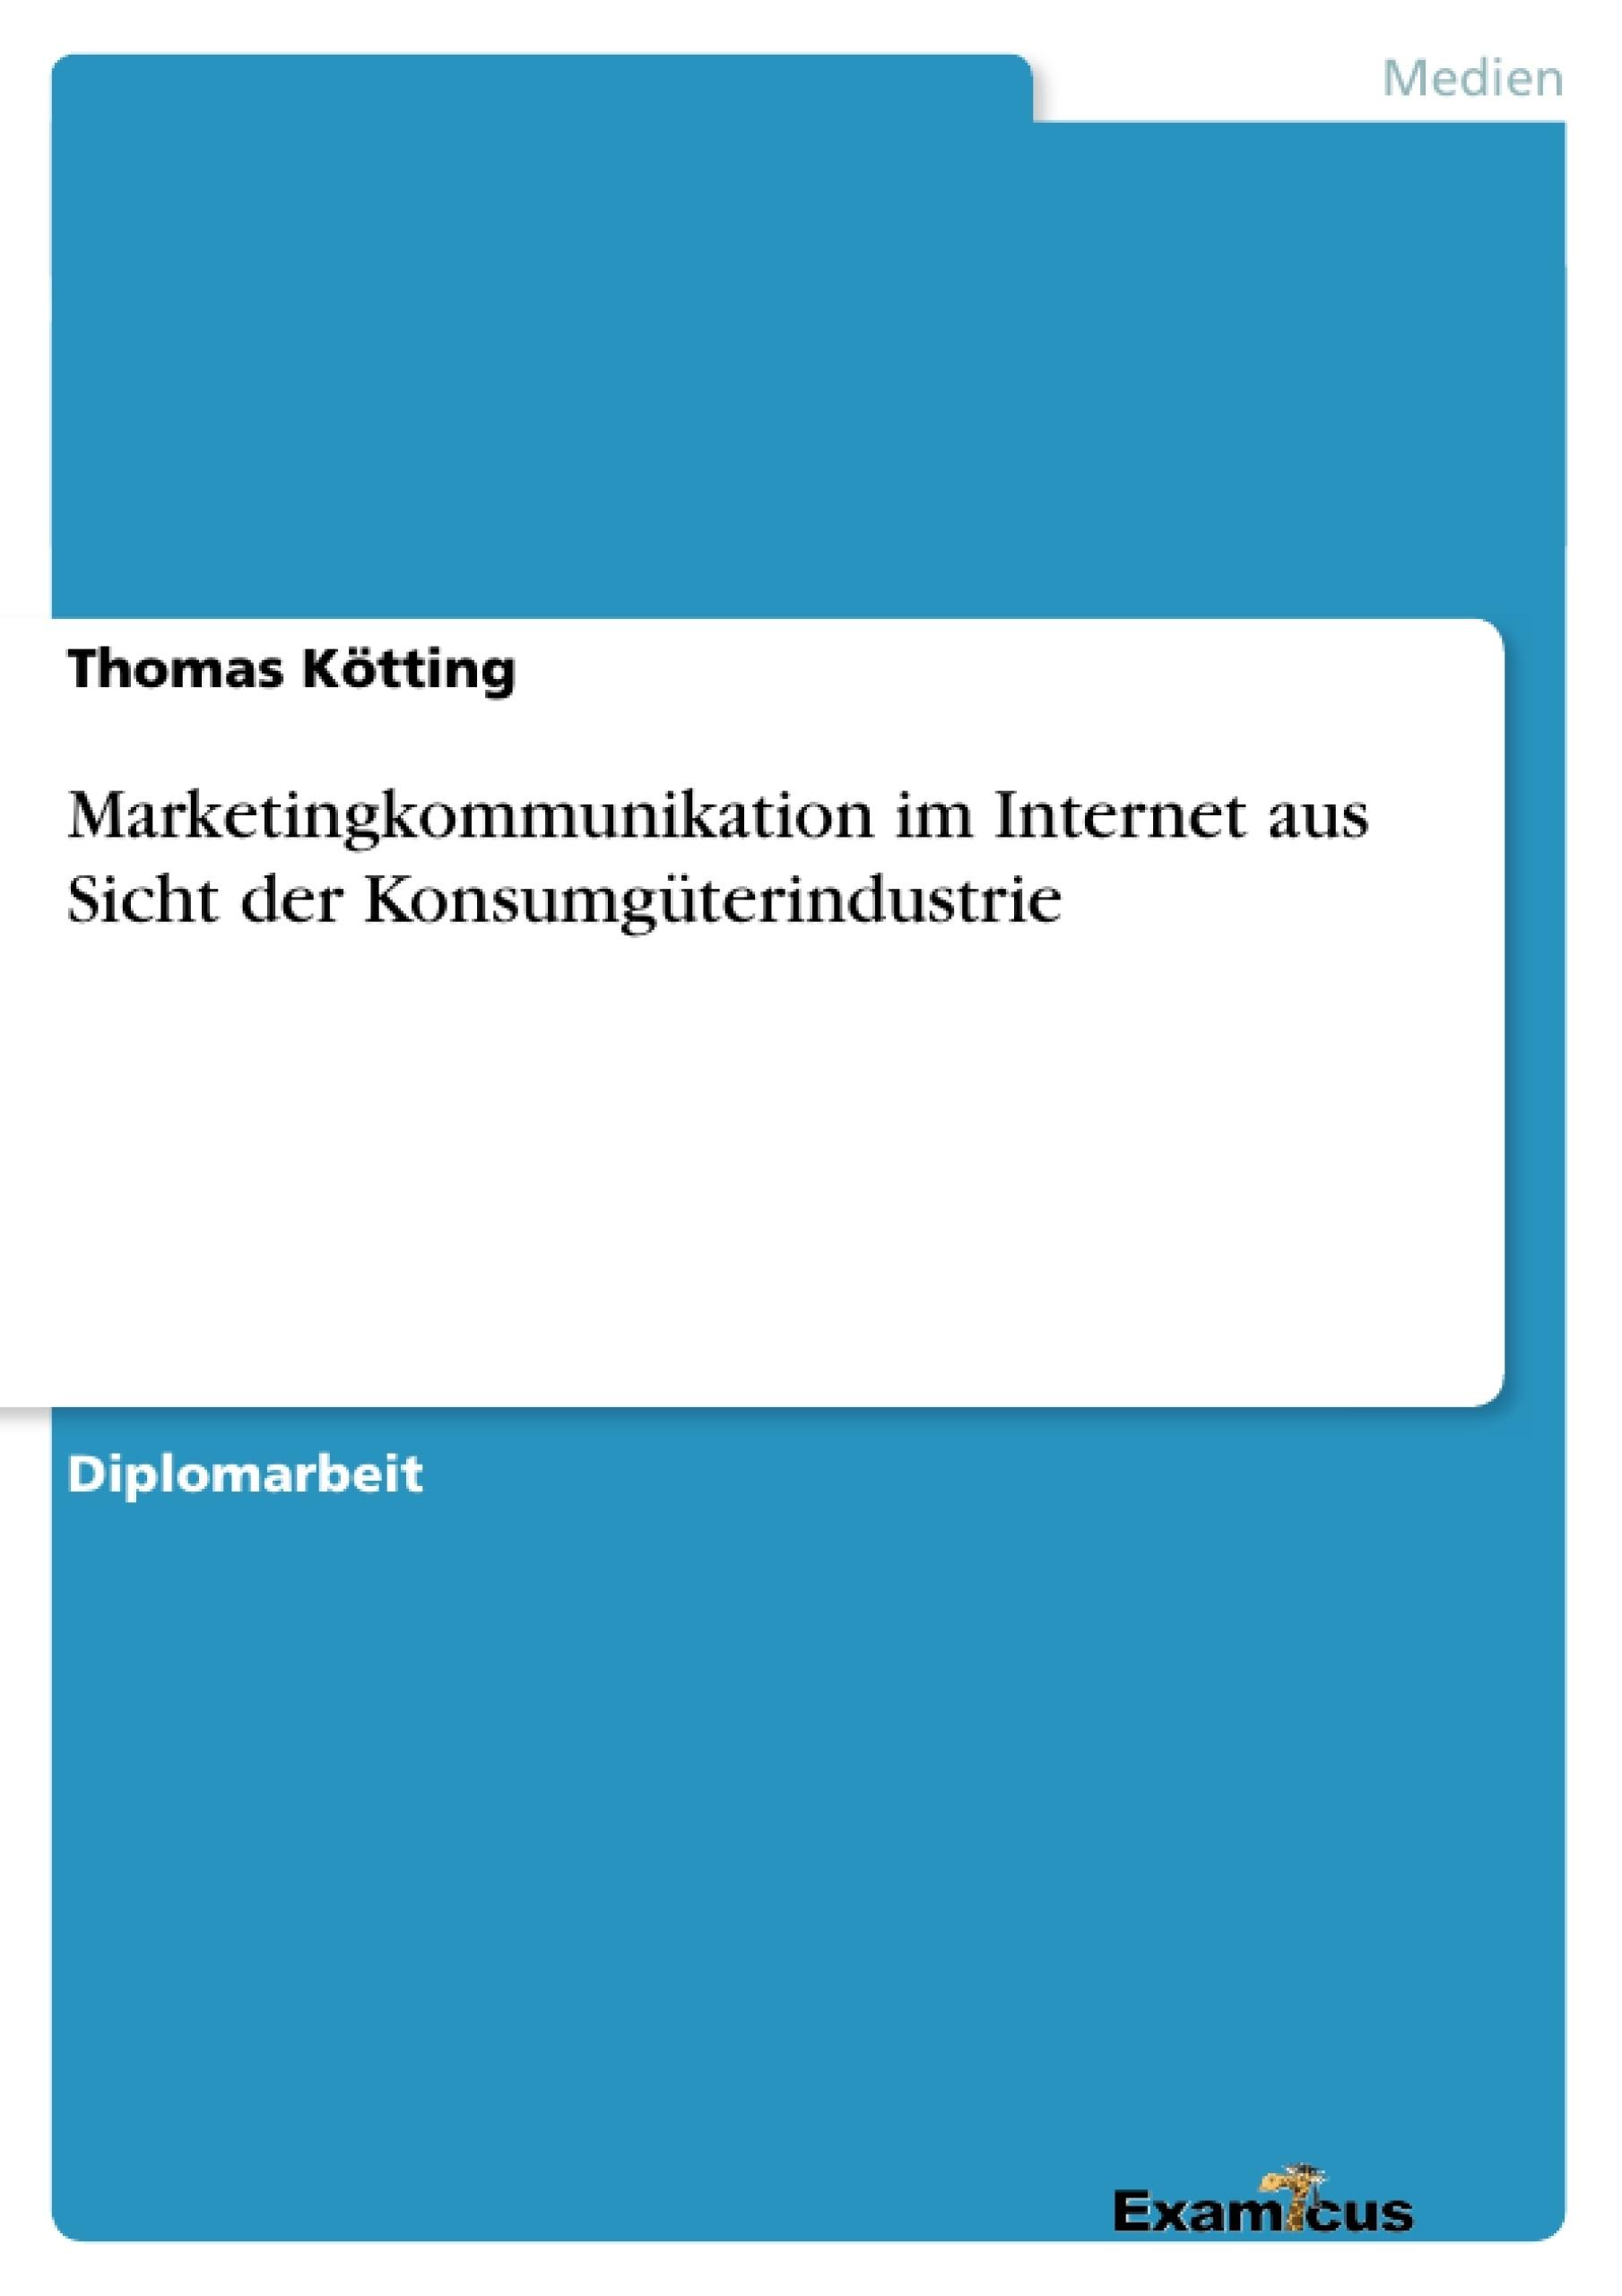 Titel: Marketingkommunikation im Internet aus Sicht der Konsumgüterindustrie